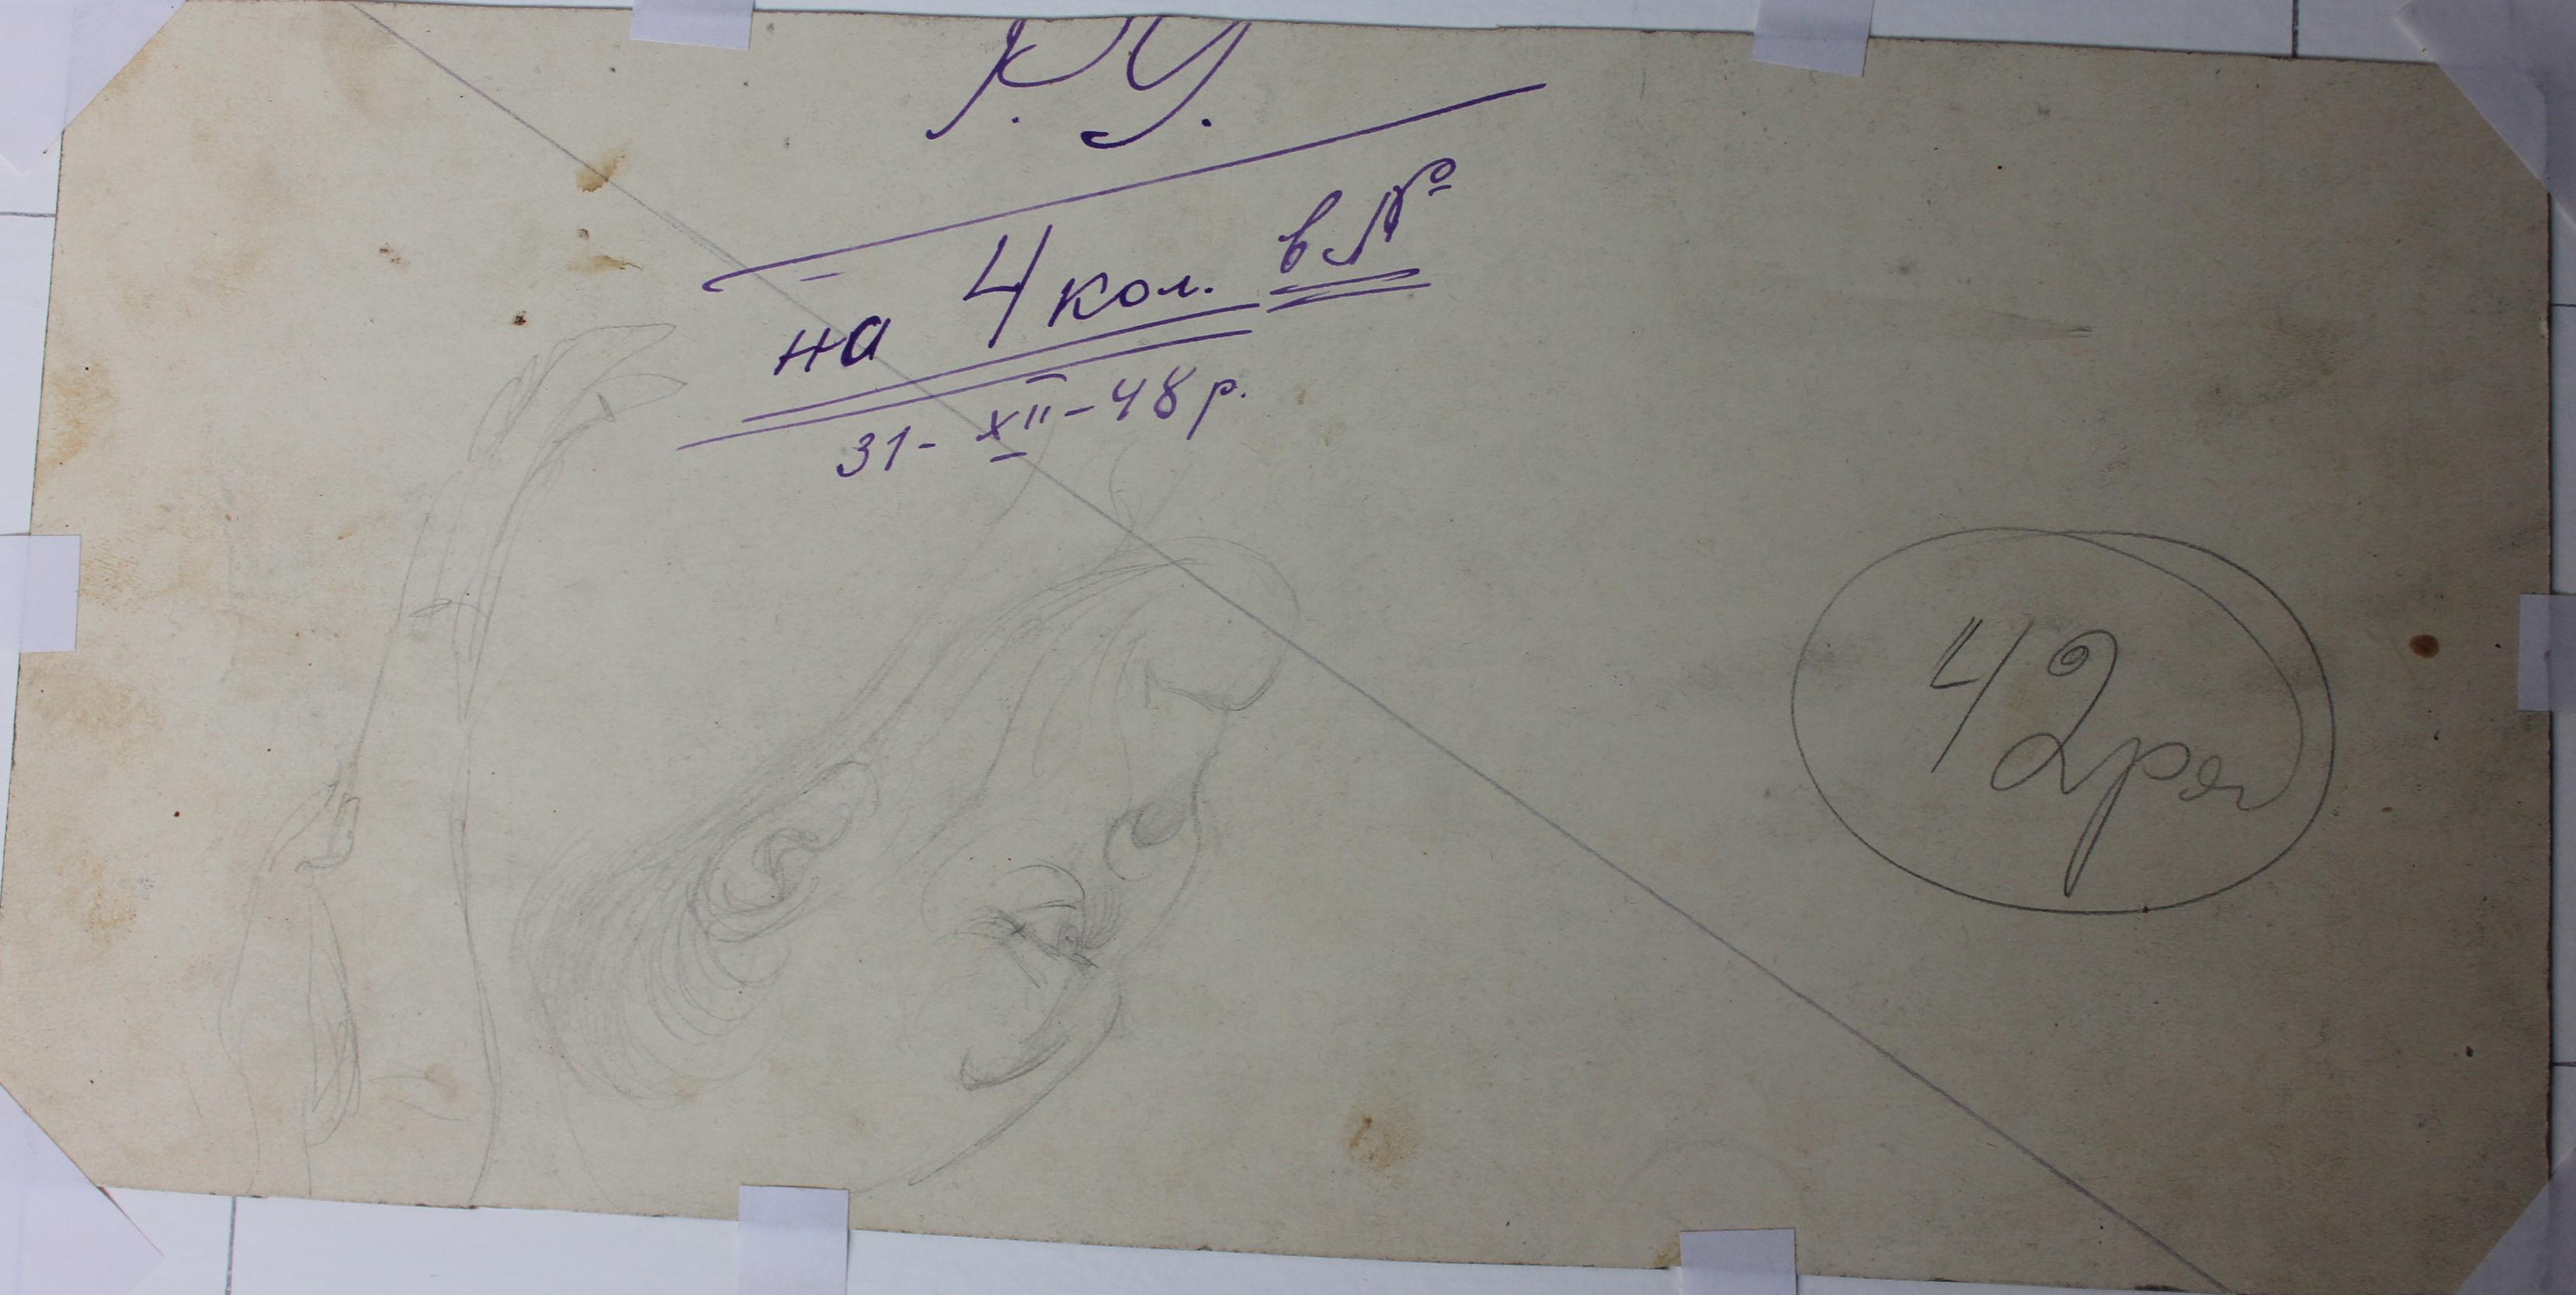 Рисунок для первой полосы газеты Радянска Украина 14-28 см., бумага, тушь  1948 год - 1